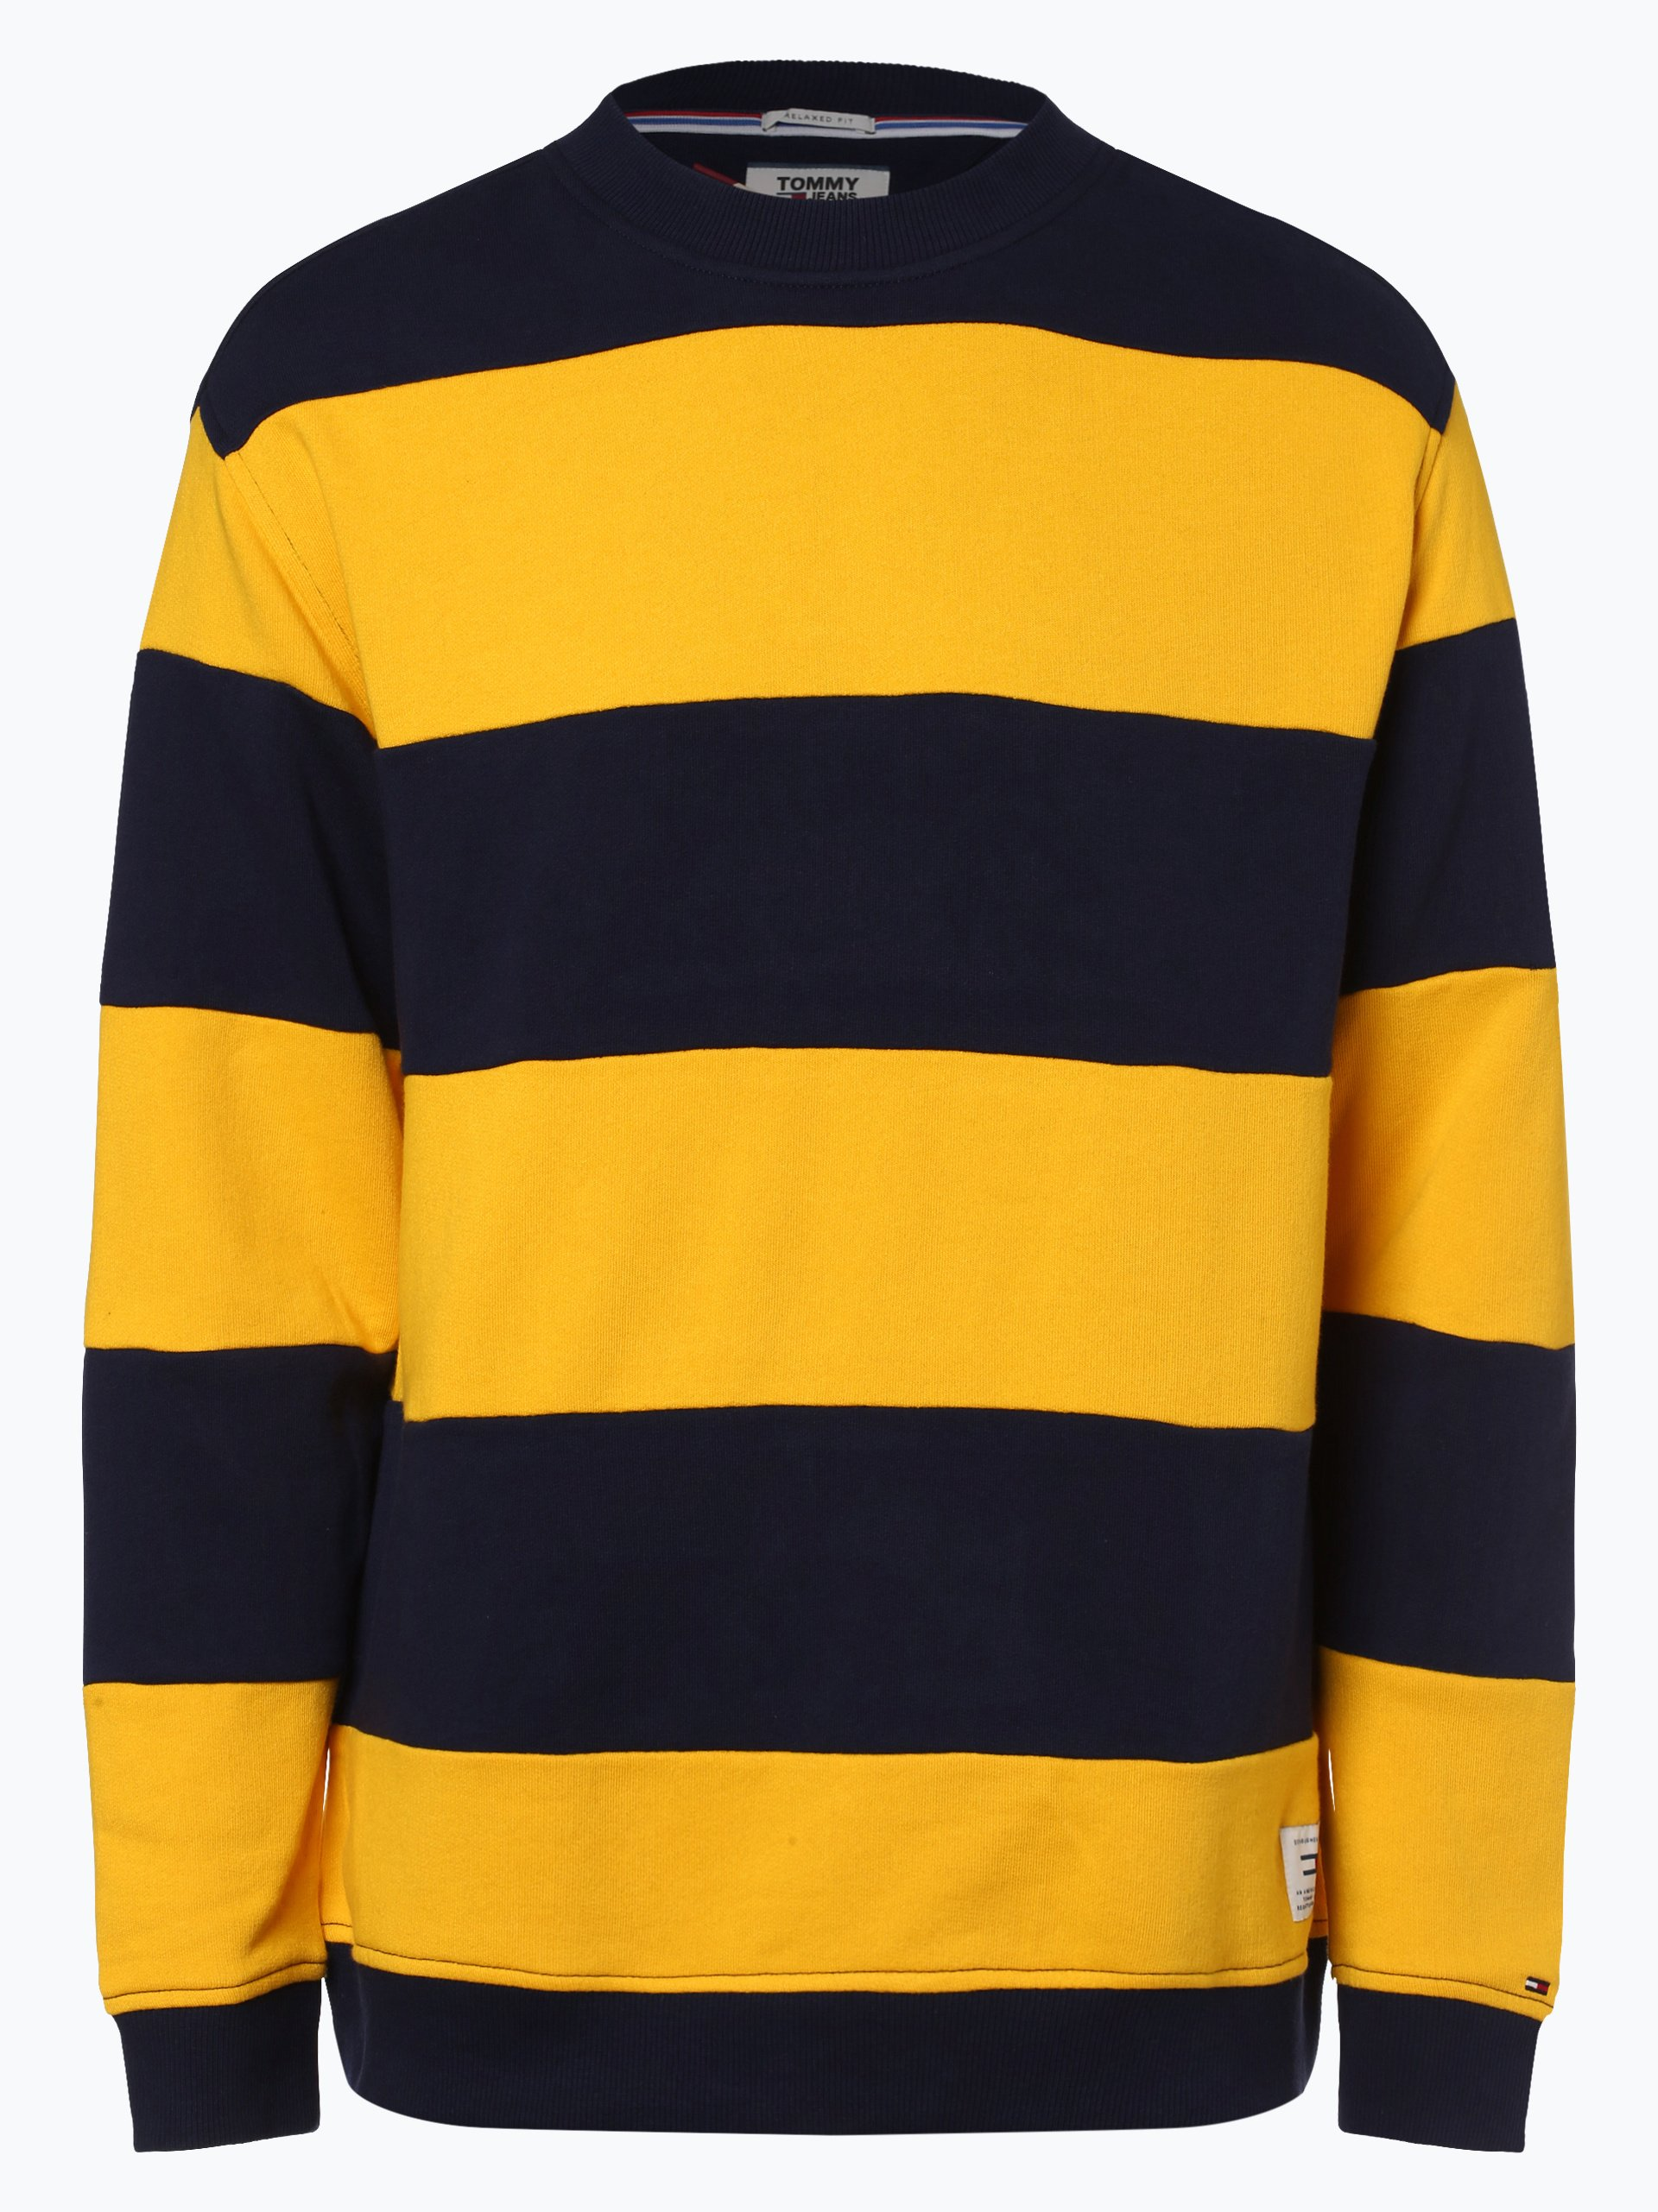 new product 3f7f3 76a39 Tommy Jeans Herren Sweatshirt online kaufen | VANGRAAF.COM